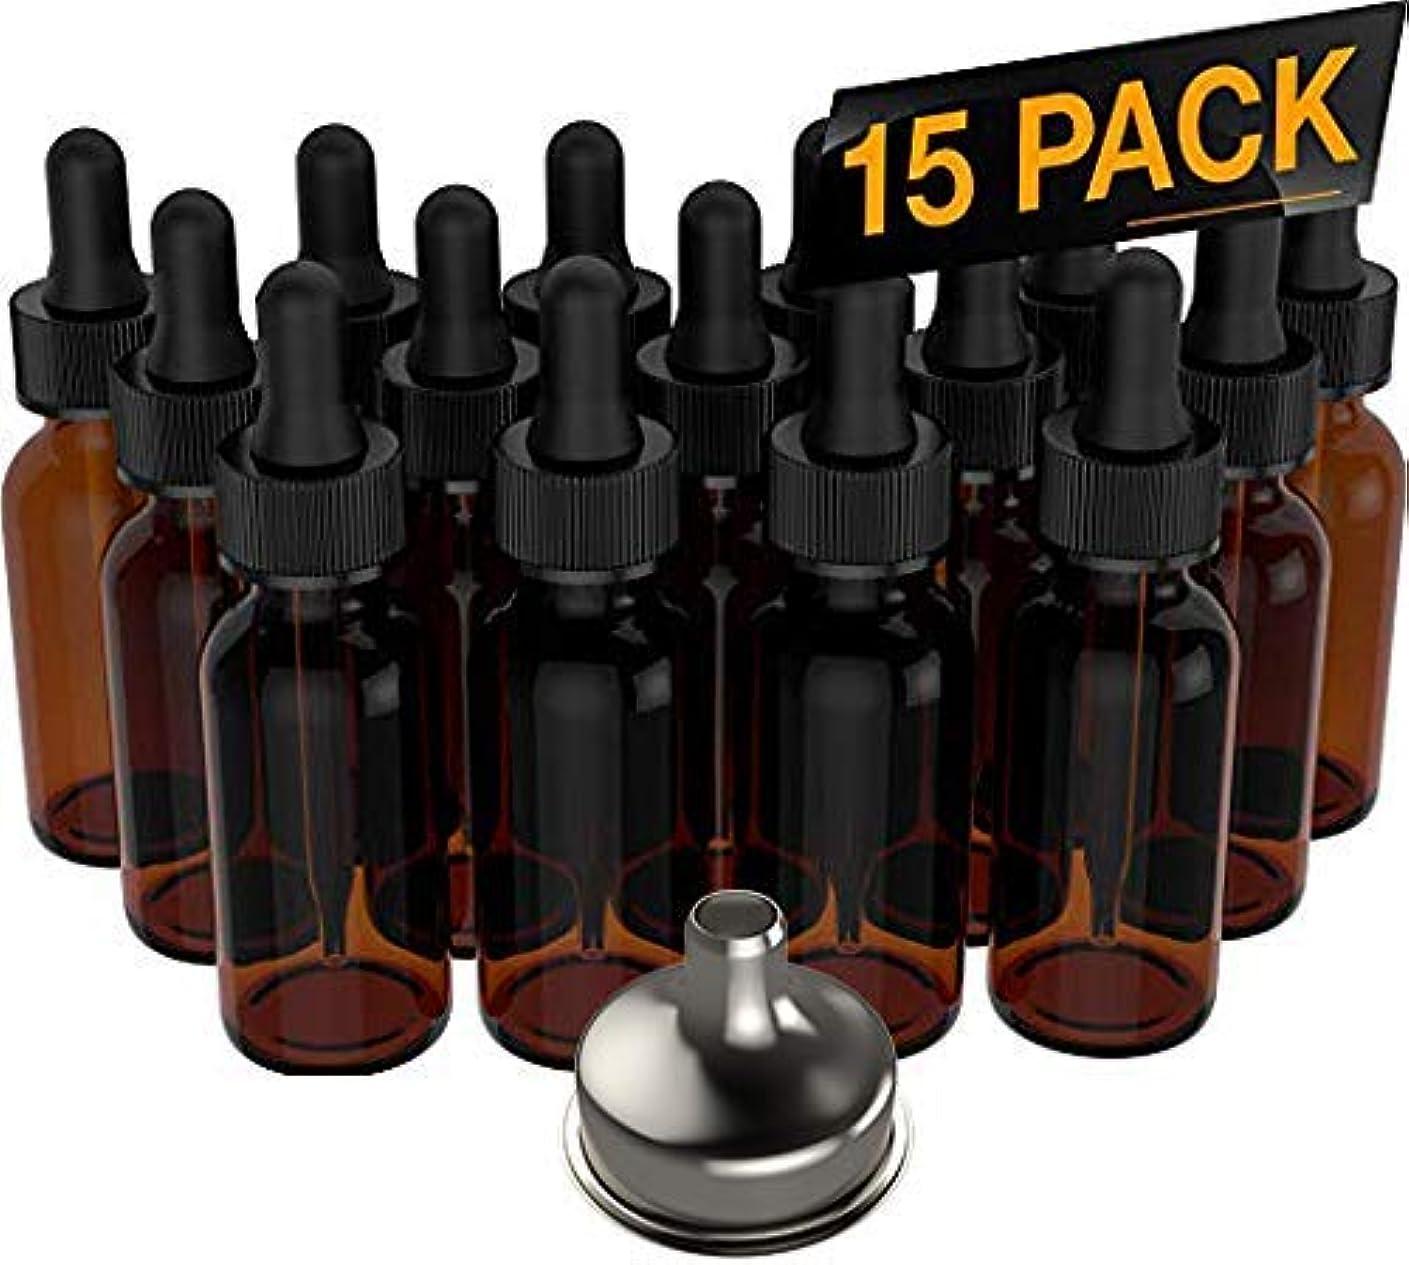 受粉する便利さスイッチ15 Pack Essential Oil Bottles - Round Boston Empty Refillable Amber Bottle with Glass Dropper [ Free Stainless...